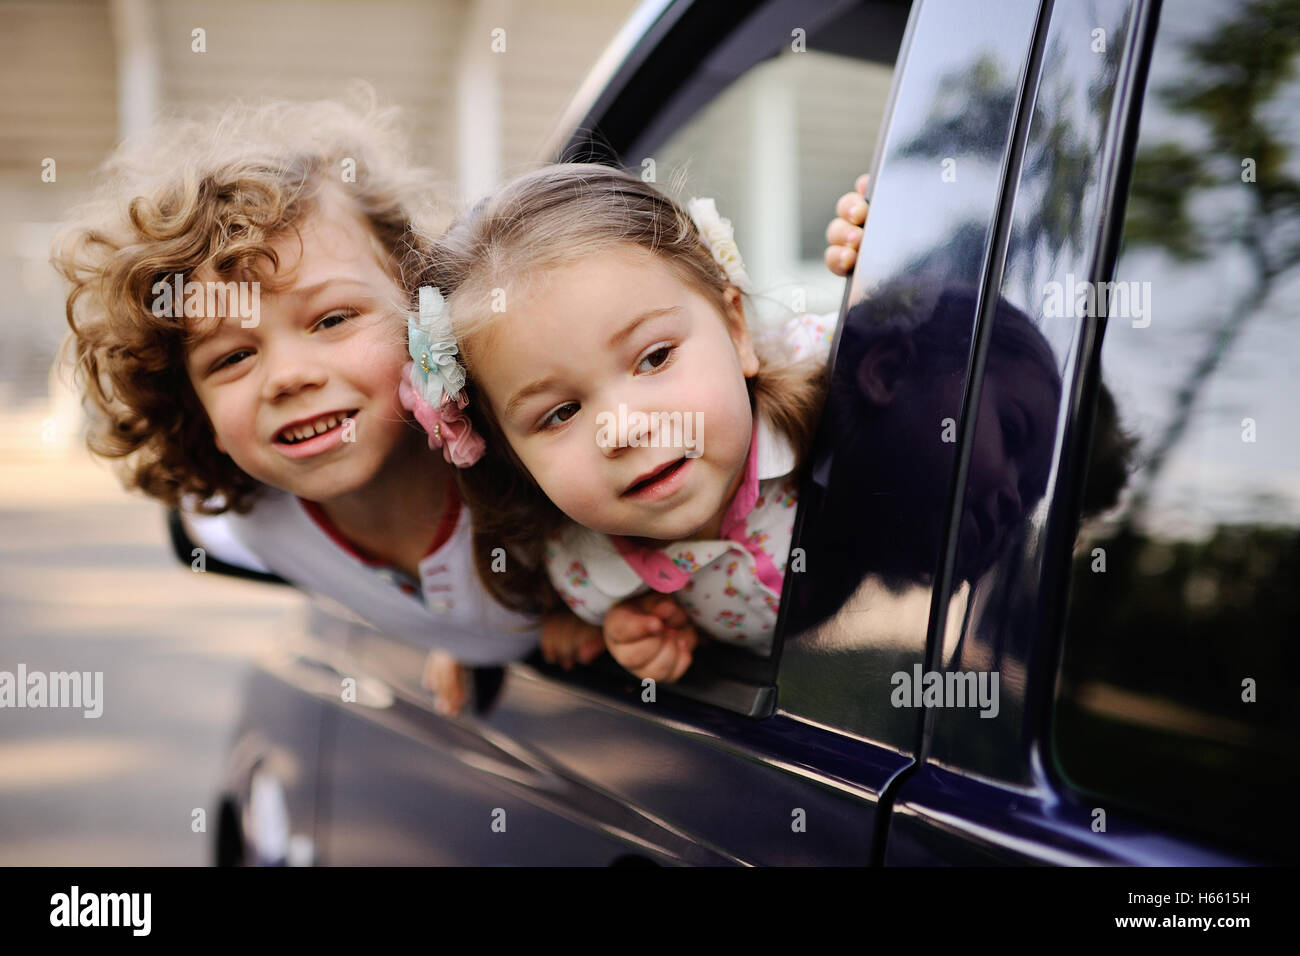 Les enfants donnent de la fenêtre d'une voiture Photo Stock